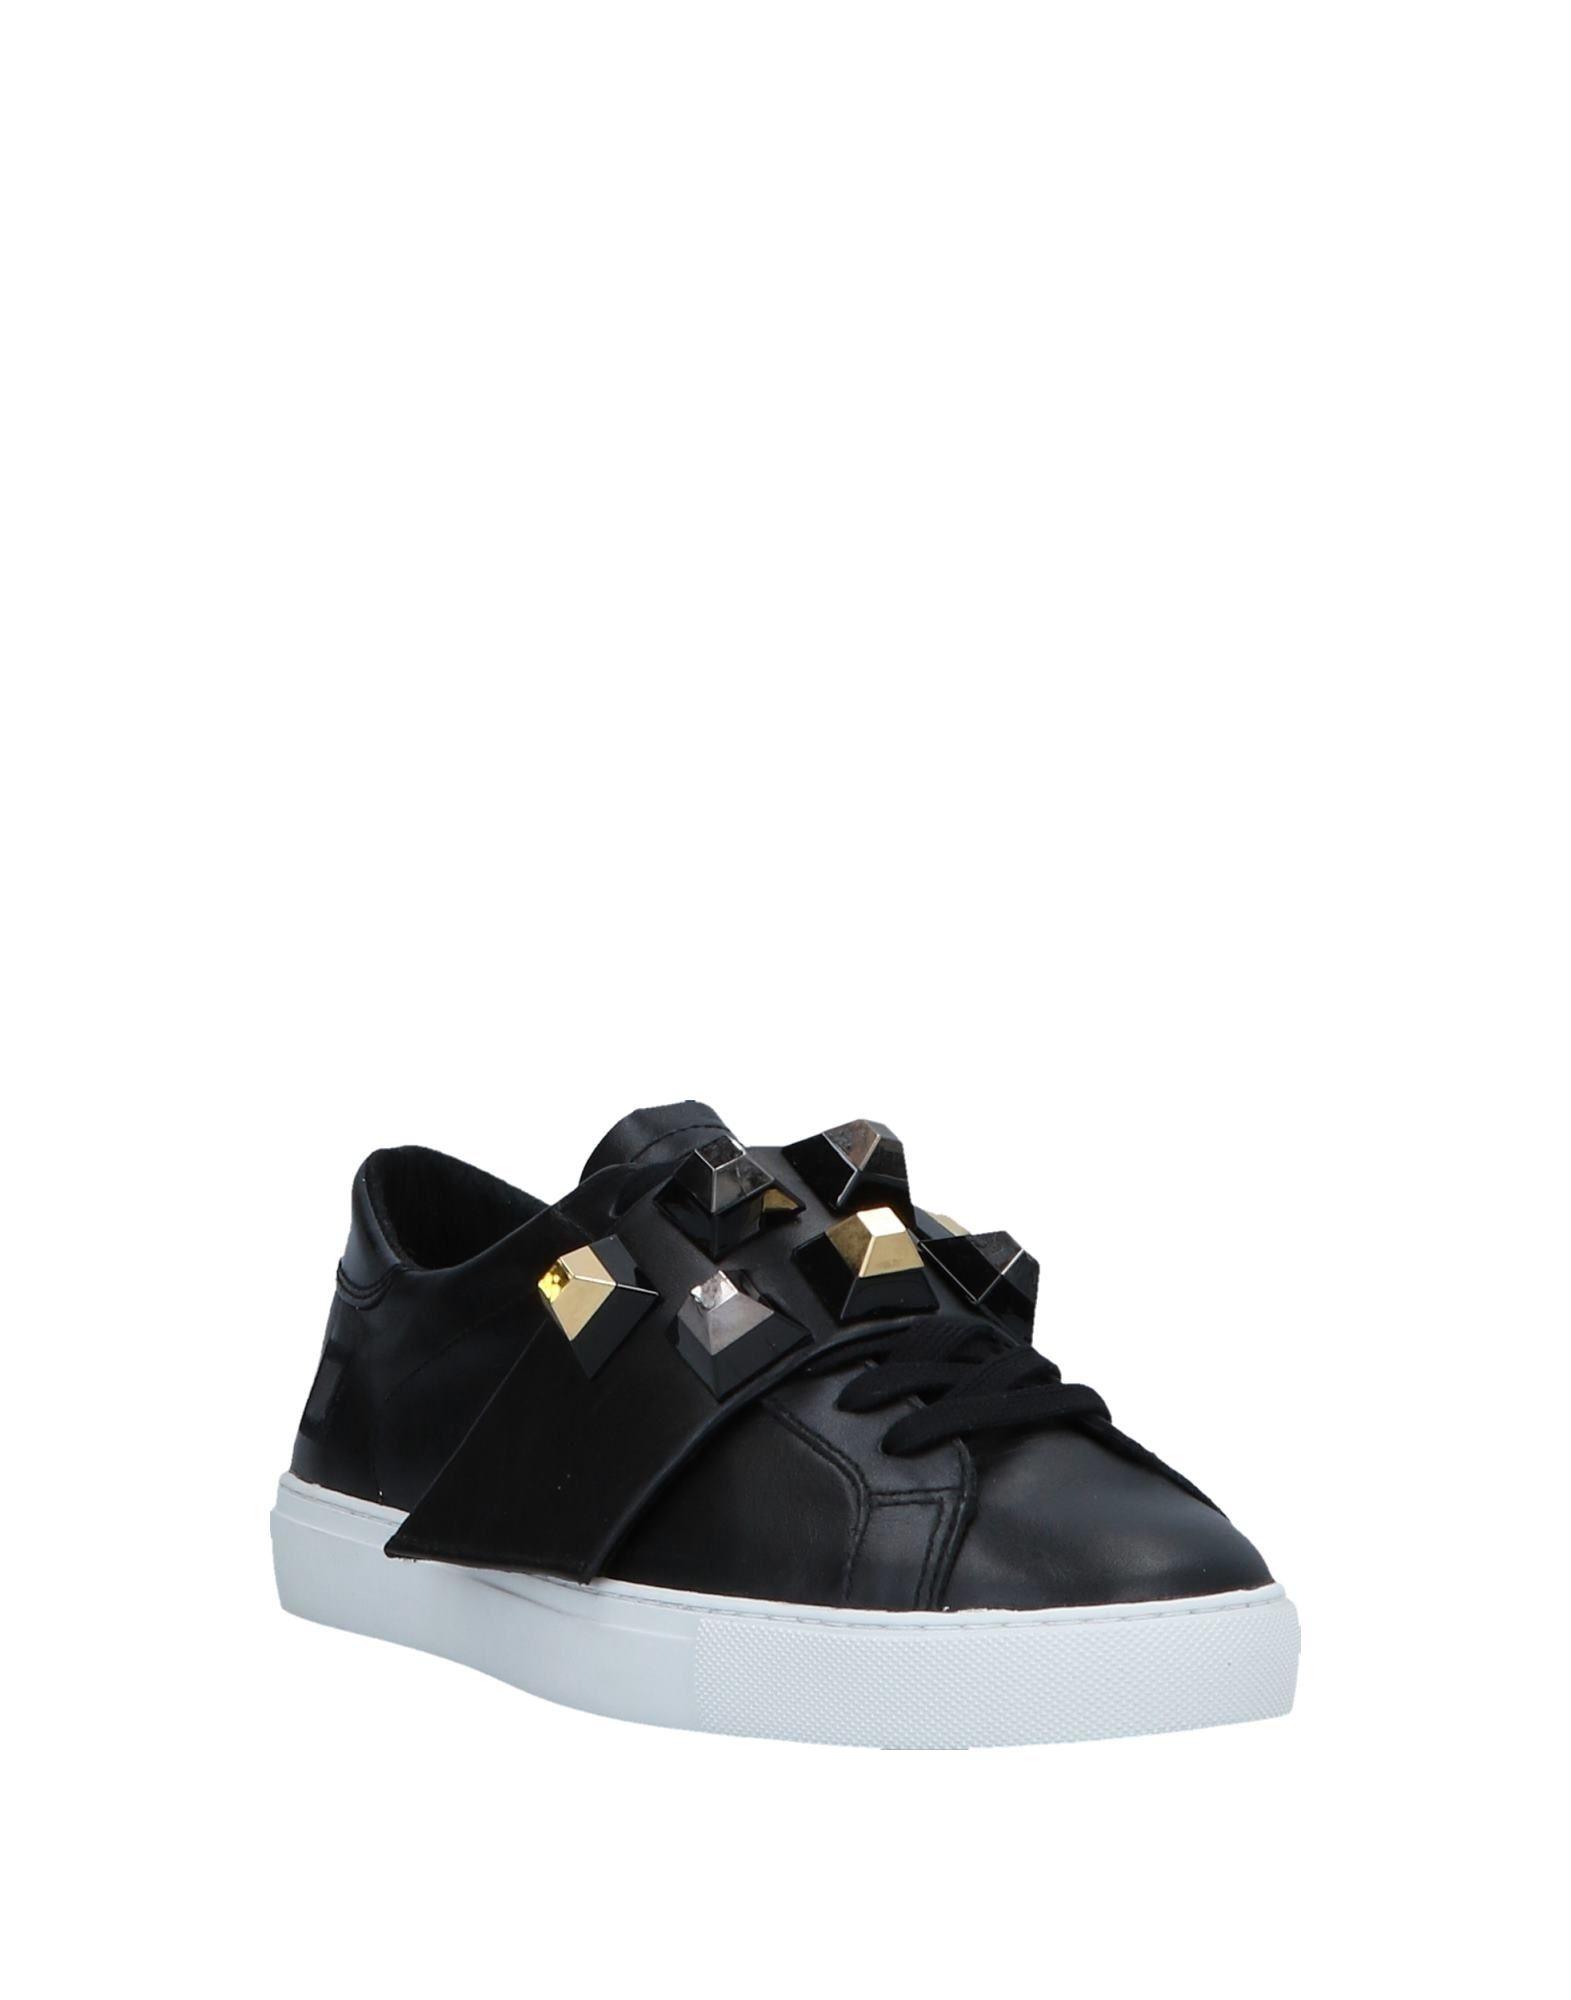 D.A.T.E. Sneakers - Women D.A.T.E. Sneakers online on    Canada - 11518498TT 4fa726